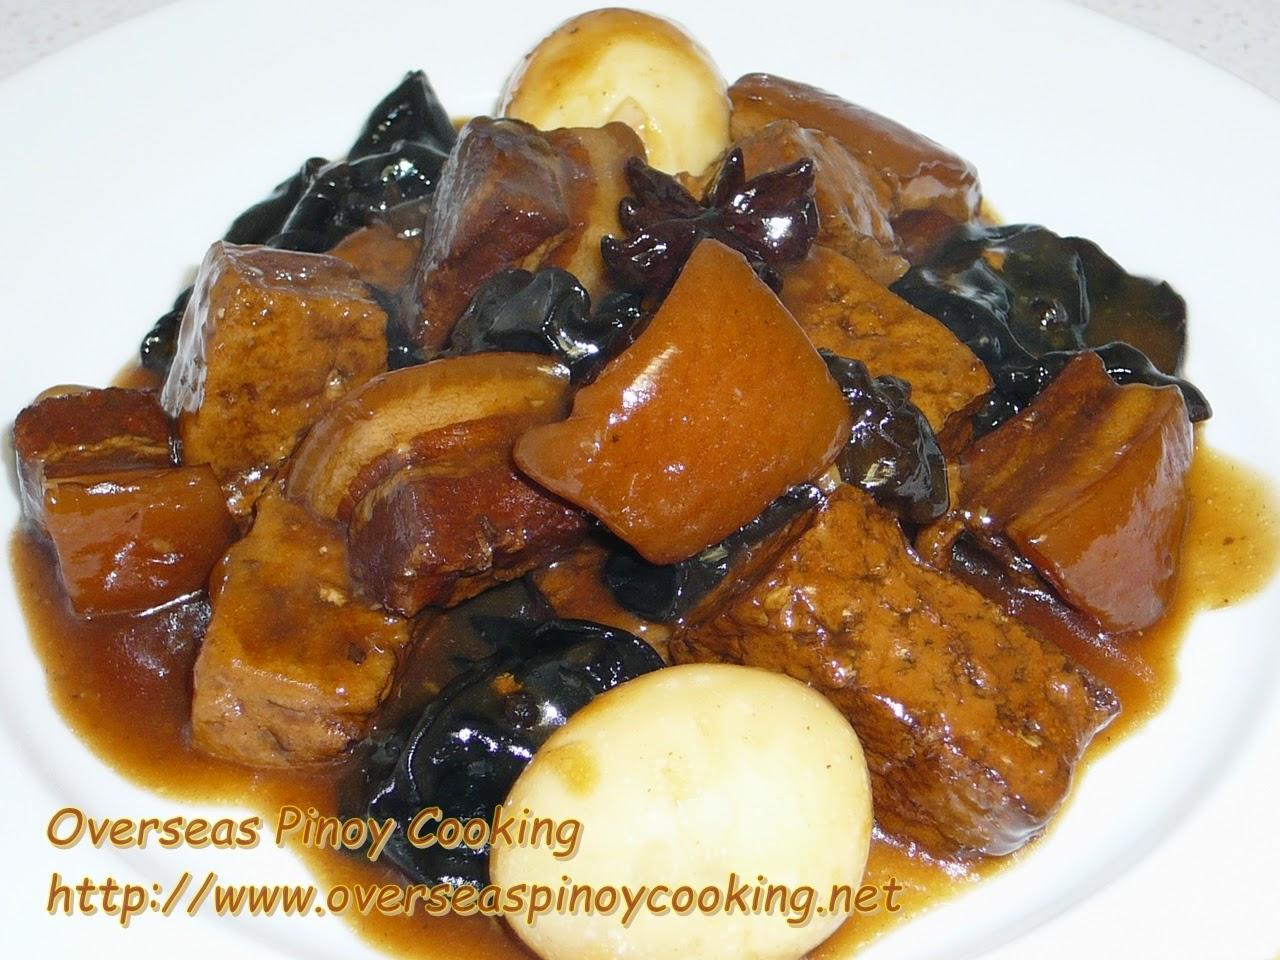 Braised Pork and Tofu with Tenga'n Daga